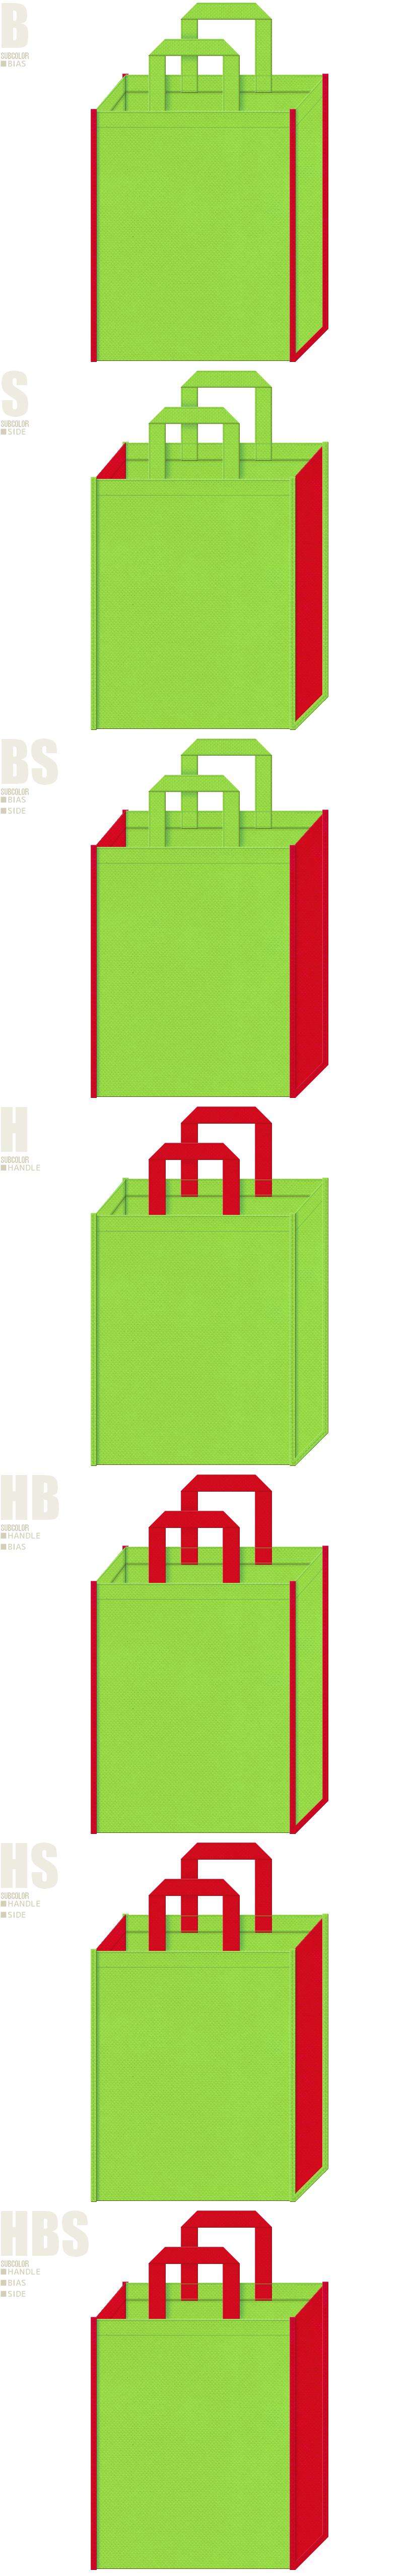 茶会・野点傘・琴演奏会・和風庭園・和風催事にお奨めの不織布バッグデザイン:黄緑色と紅色の配色7パターン